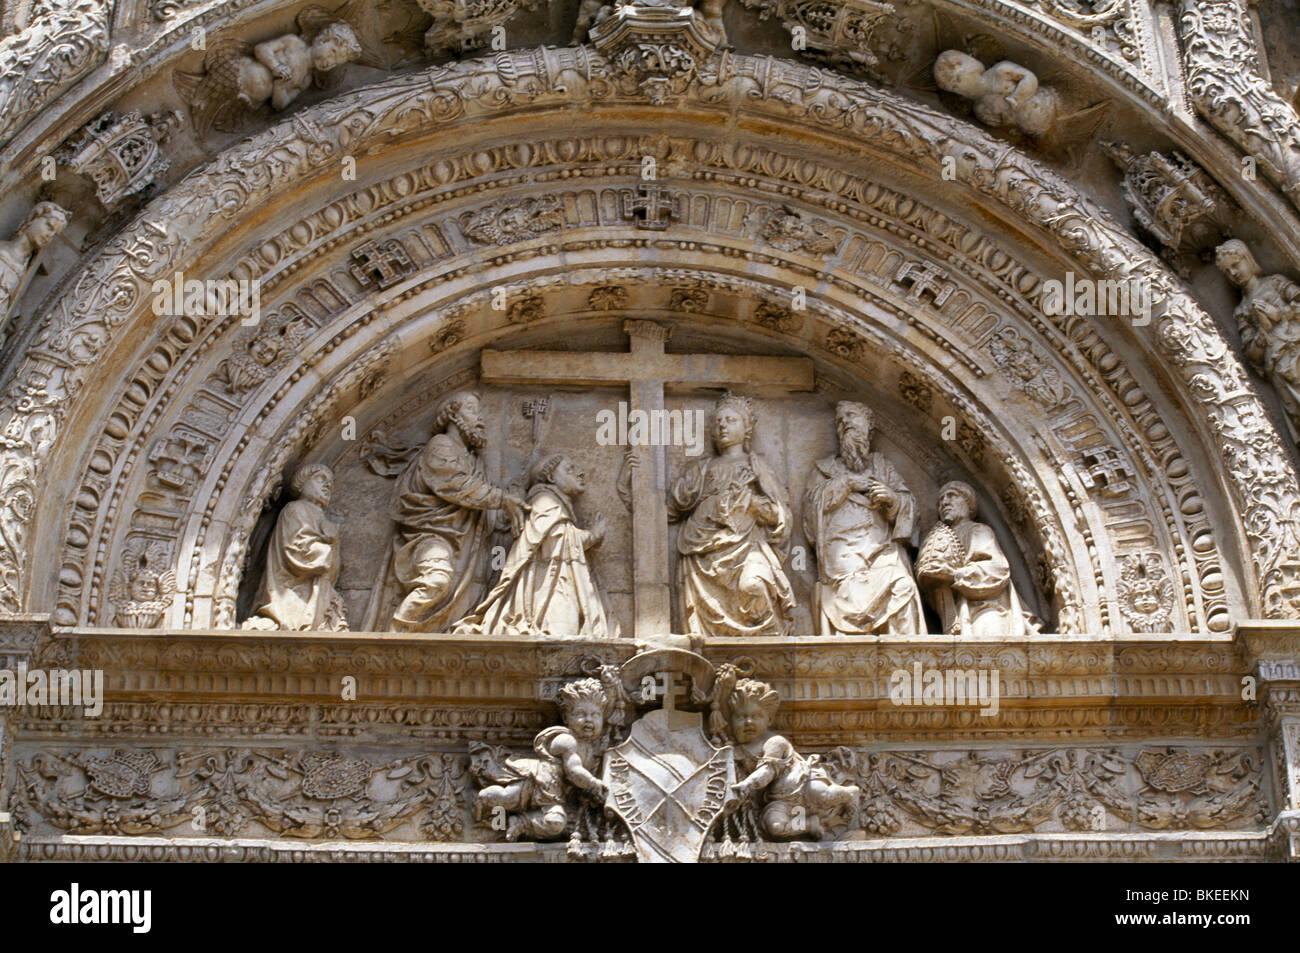 Museo De Santa Cruz.Toledo Spain Museo De Santa Cruz Carving Above Entrance With Cross